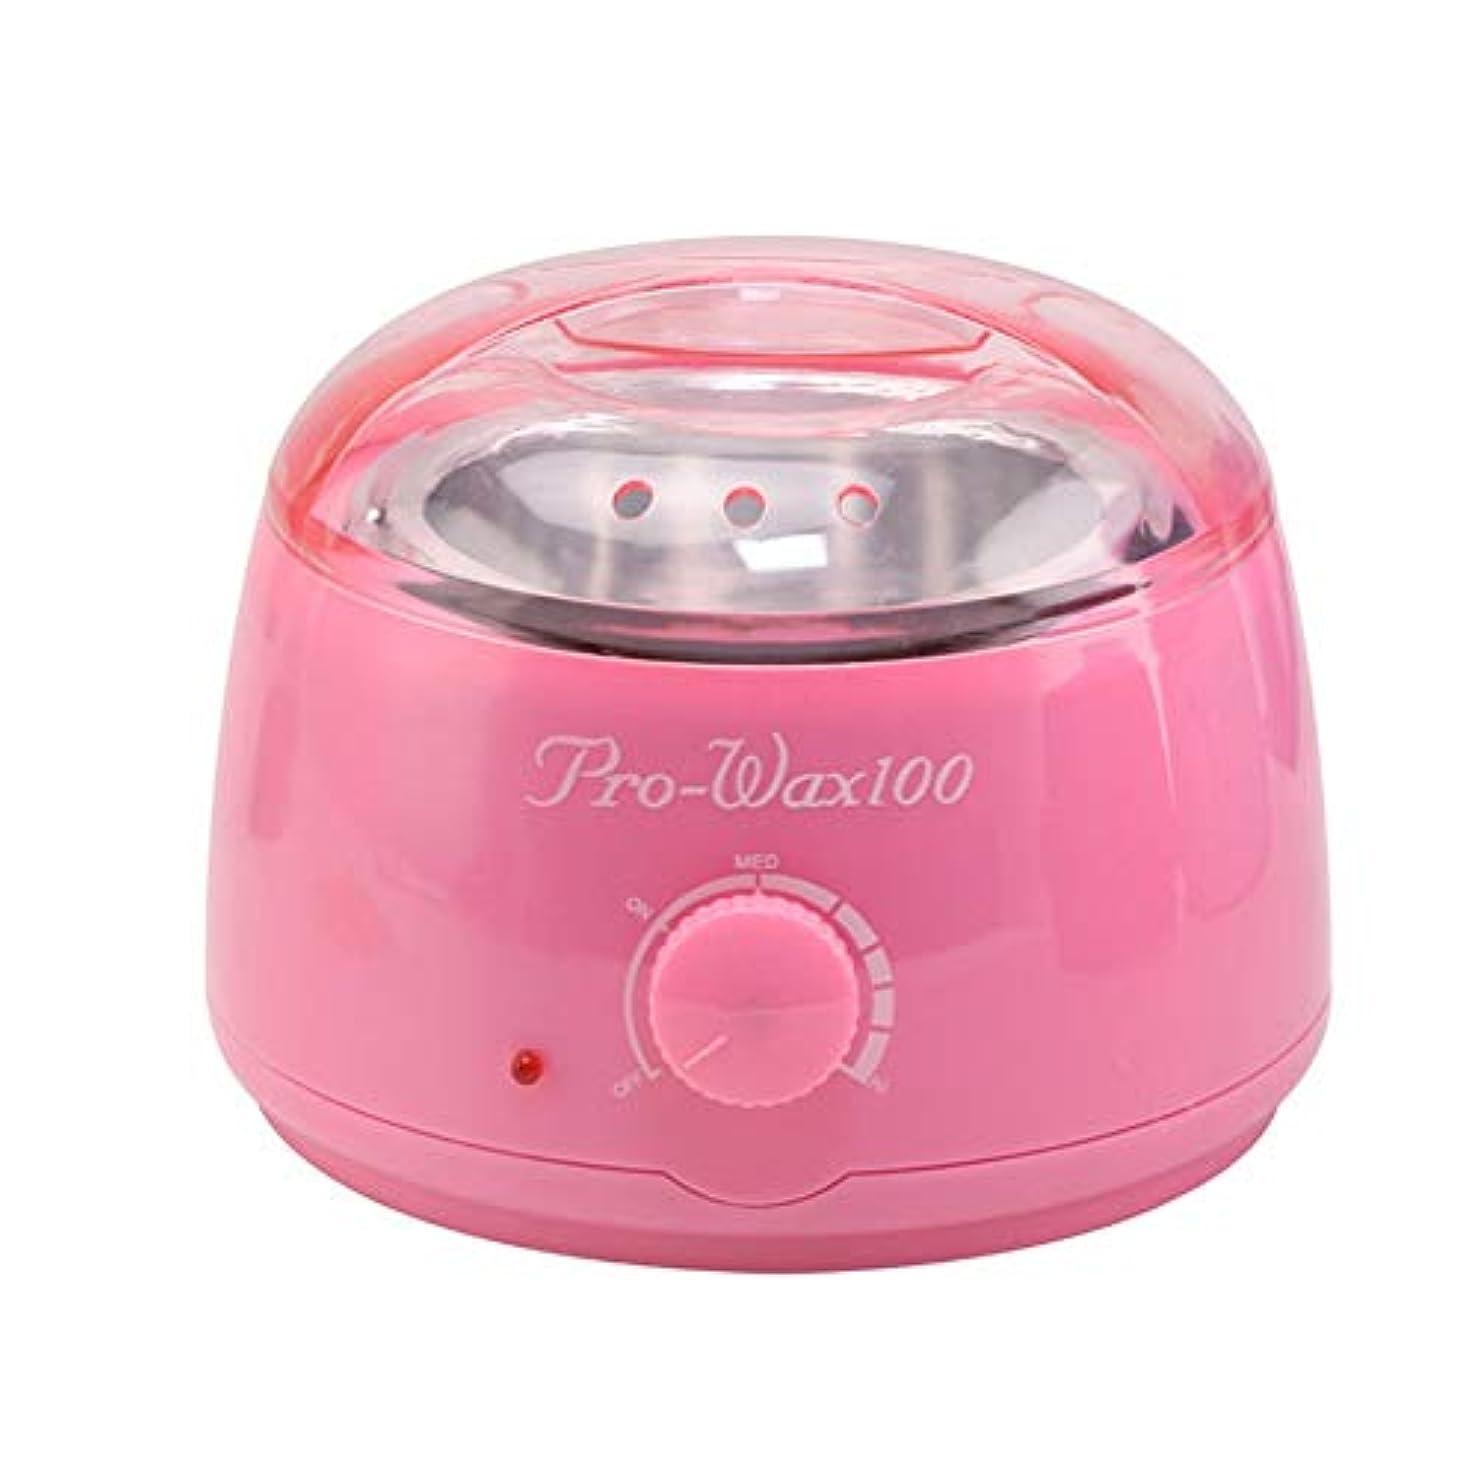 ニックネーム受けるシアープロフェッショナル暖かいワックスヒーター脱毛ツールミニスパ手足パラフィンワックス機ボディ脱毛ワックス豆ホットワックス脱毛脱毛ワックス機500CC (Color : Pink)